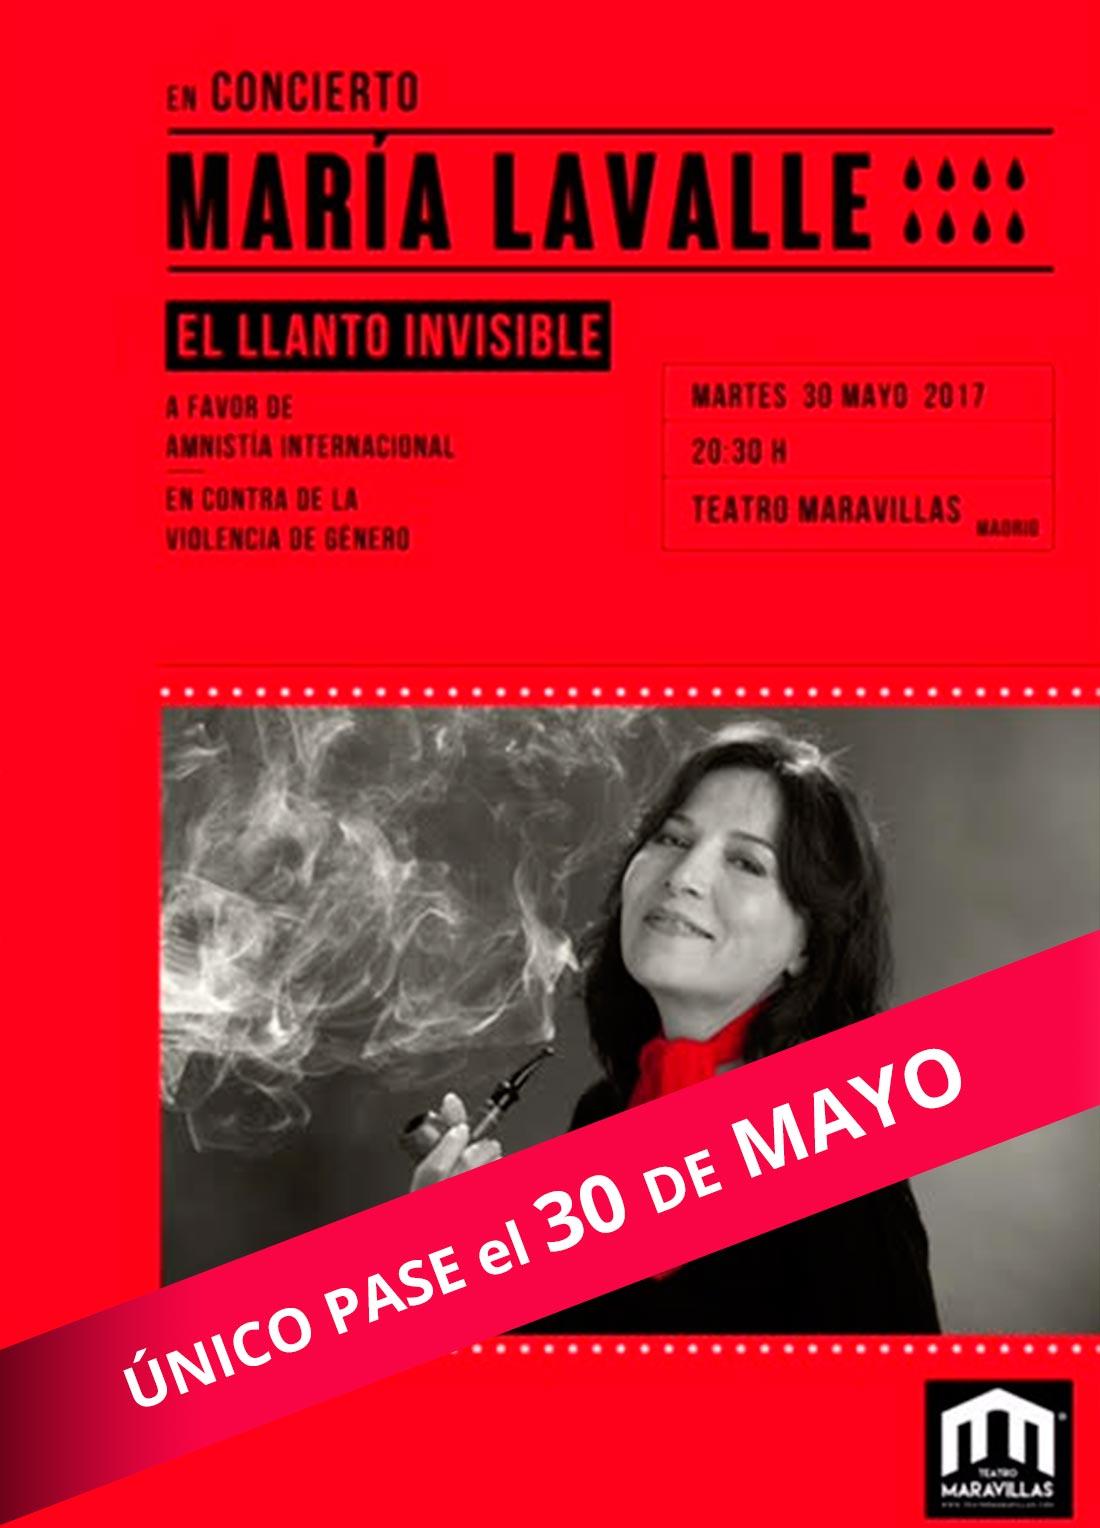 María Lavalle - CARTEL